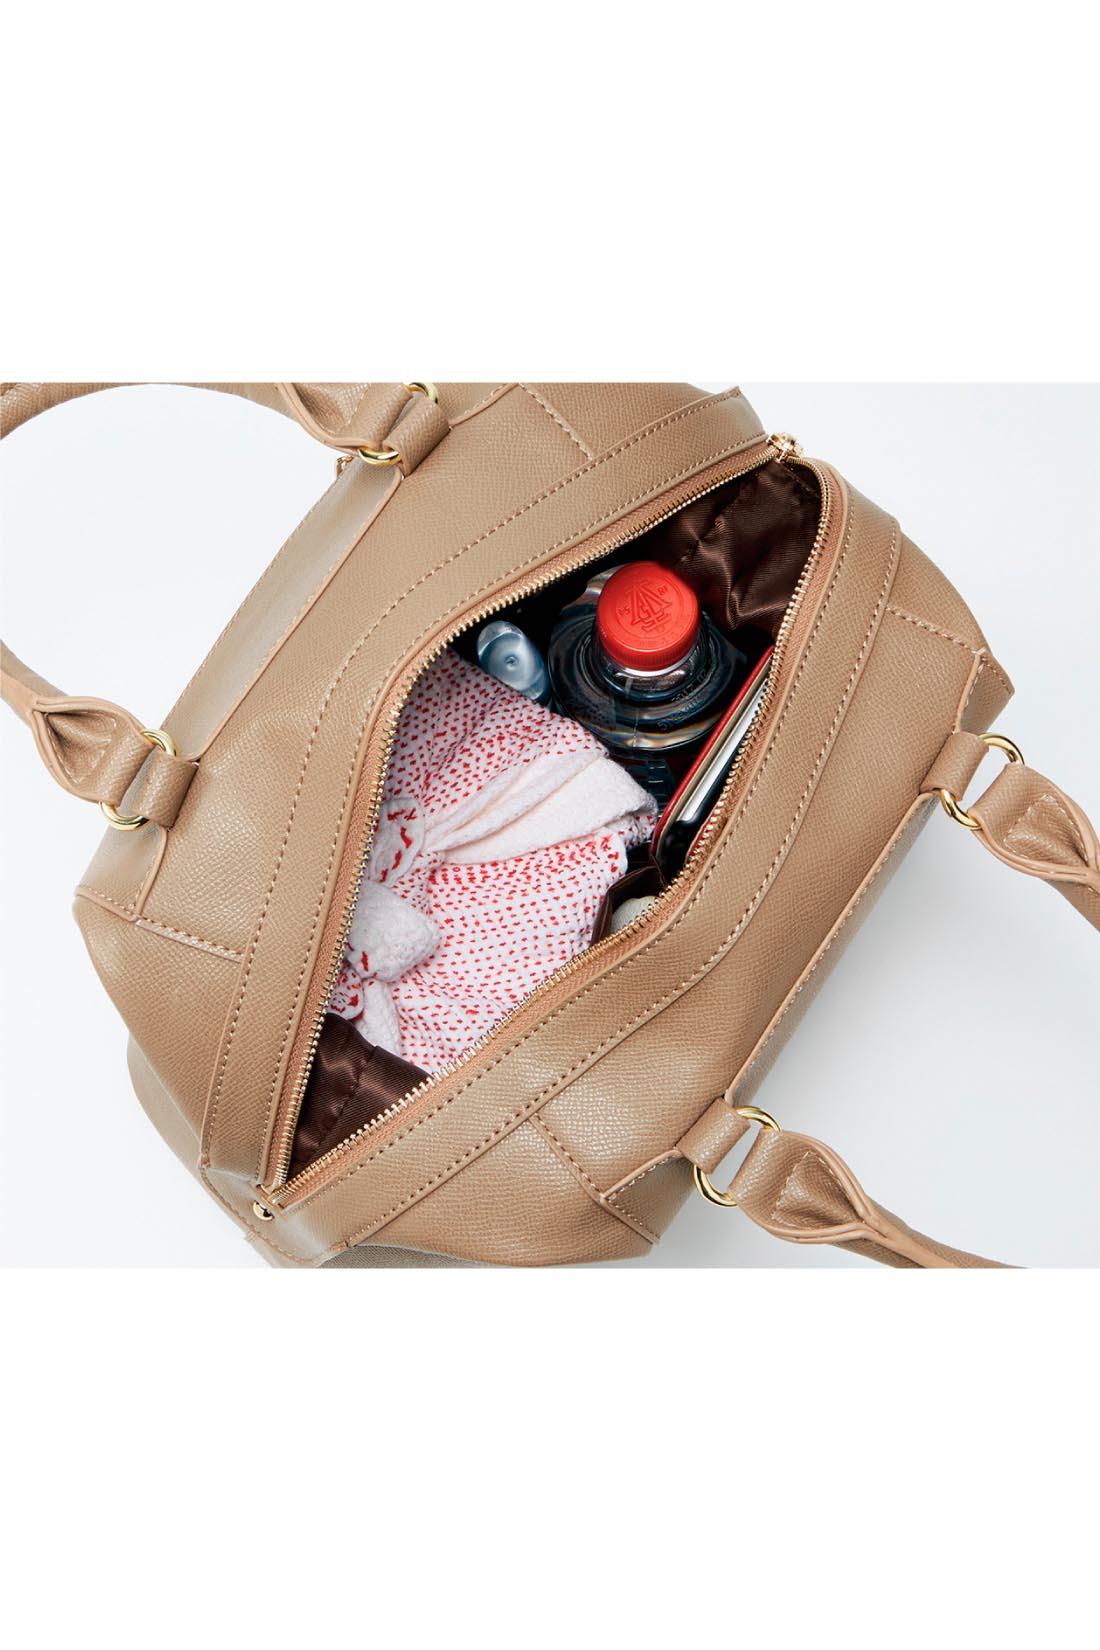 お仕事用品、お弁当も◎ たっぷり16cmのまちで荷物がたくさん入って整理しやすい。毎日の通勤から、ちょっとしたお泊まりにも重宝しそう。